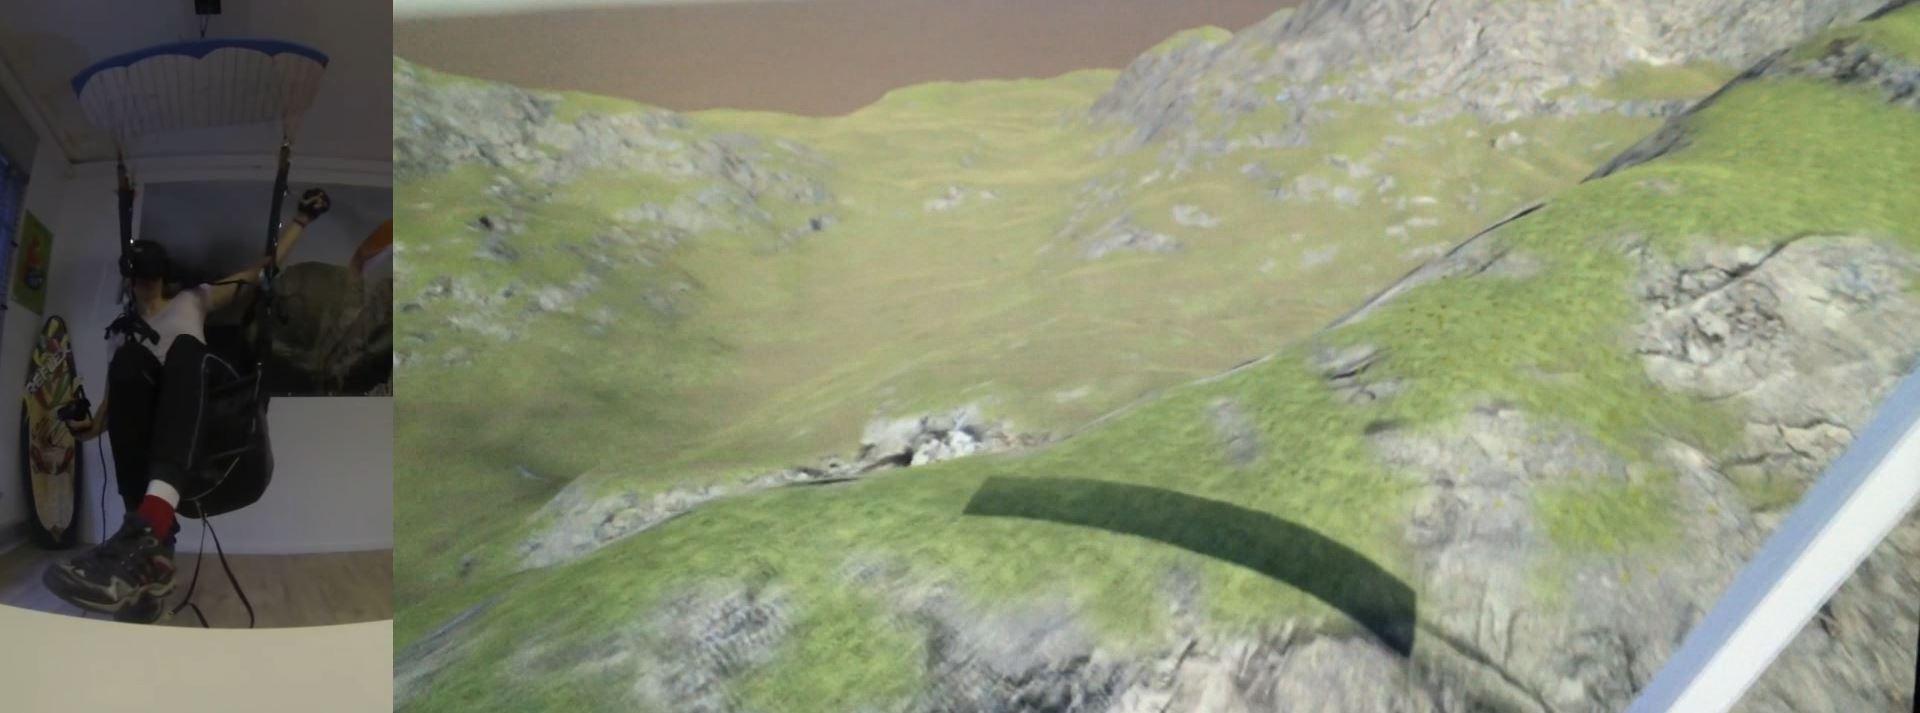 VR Paragliding Simulator